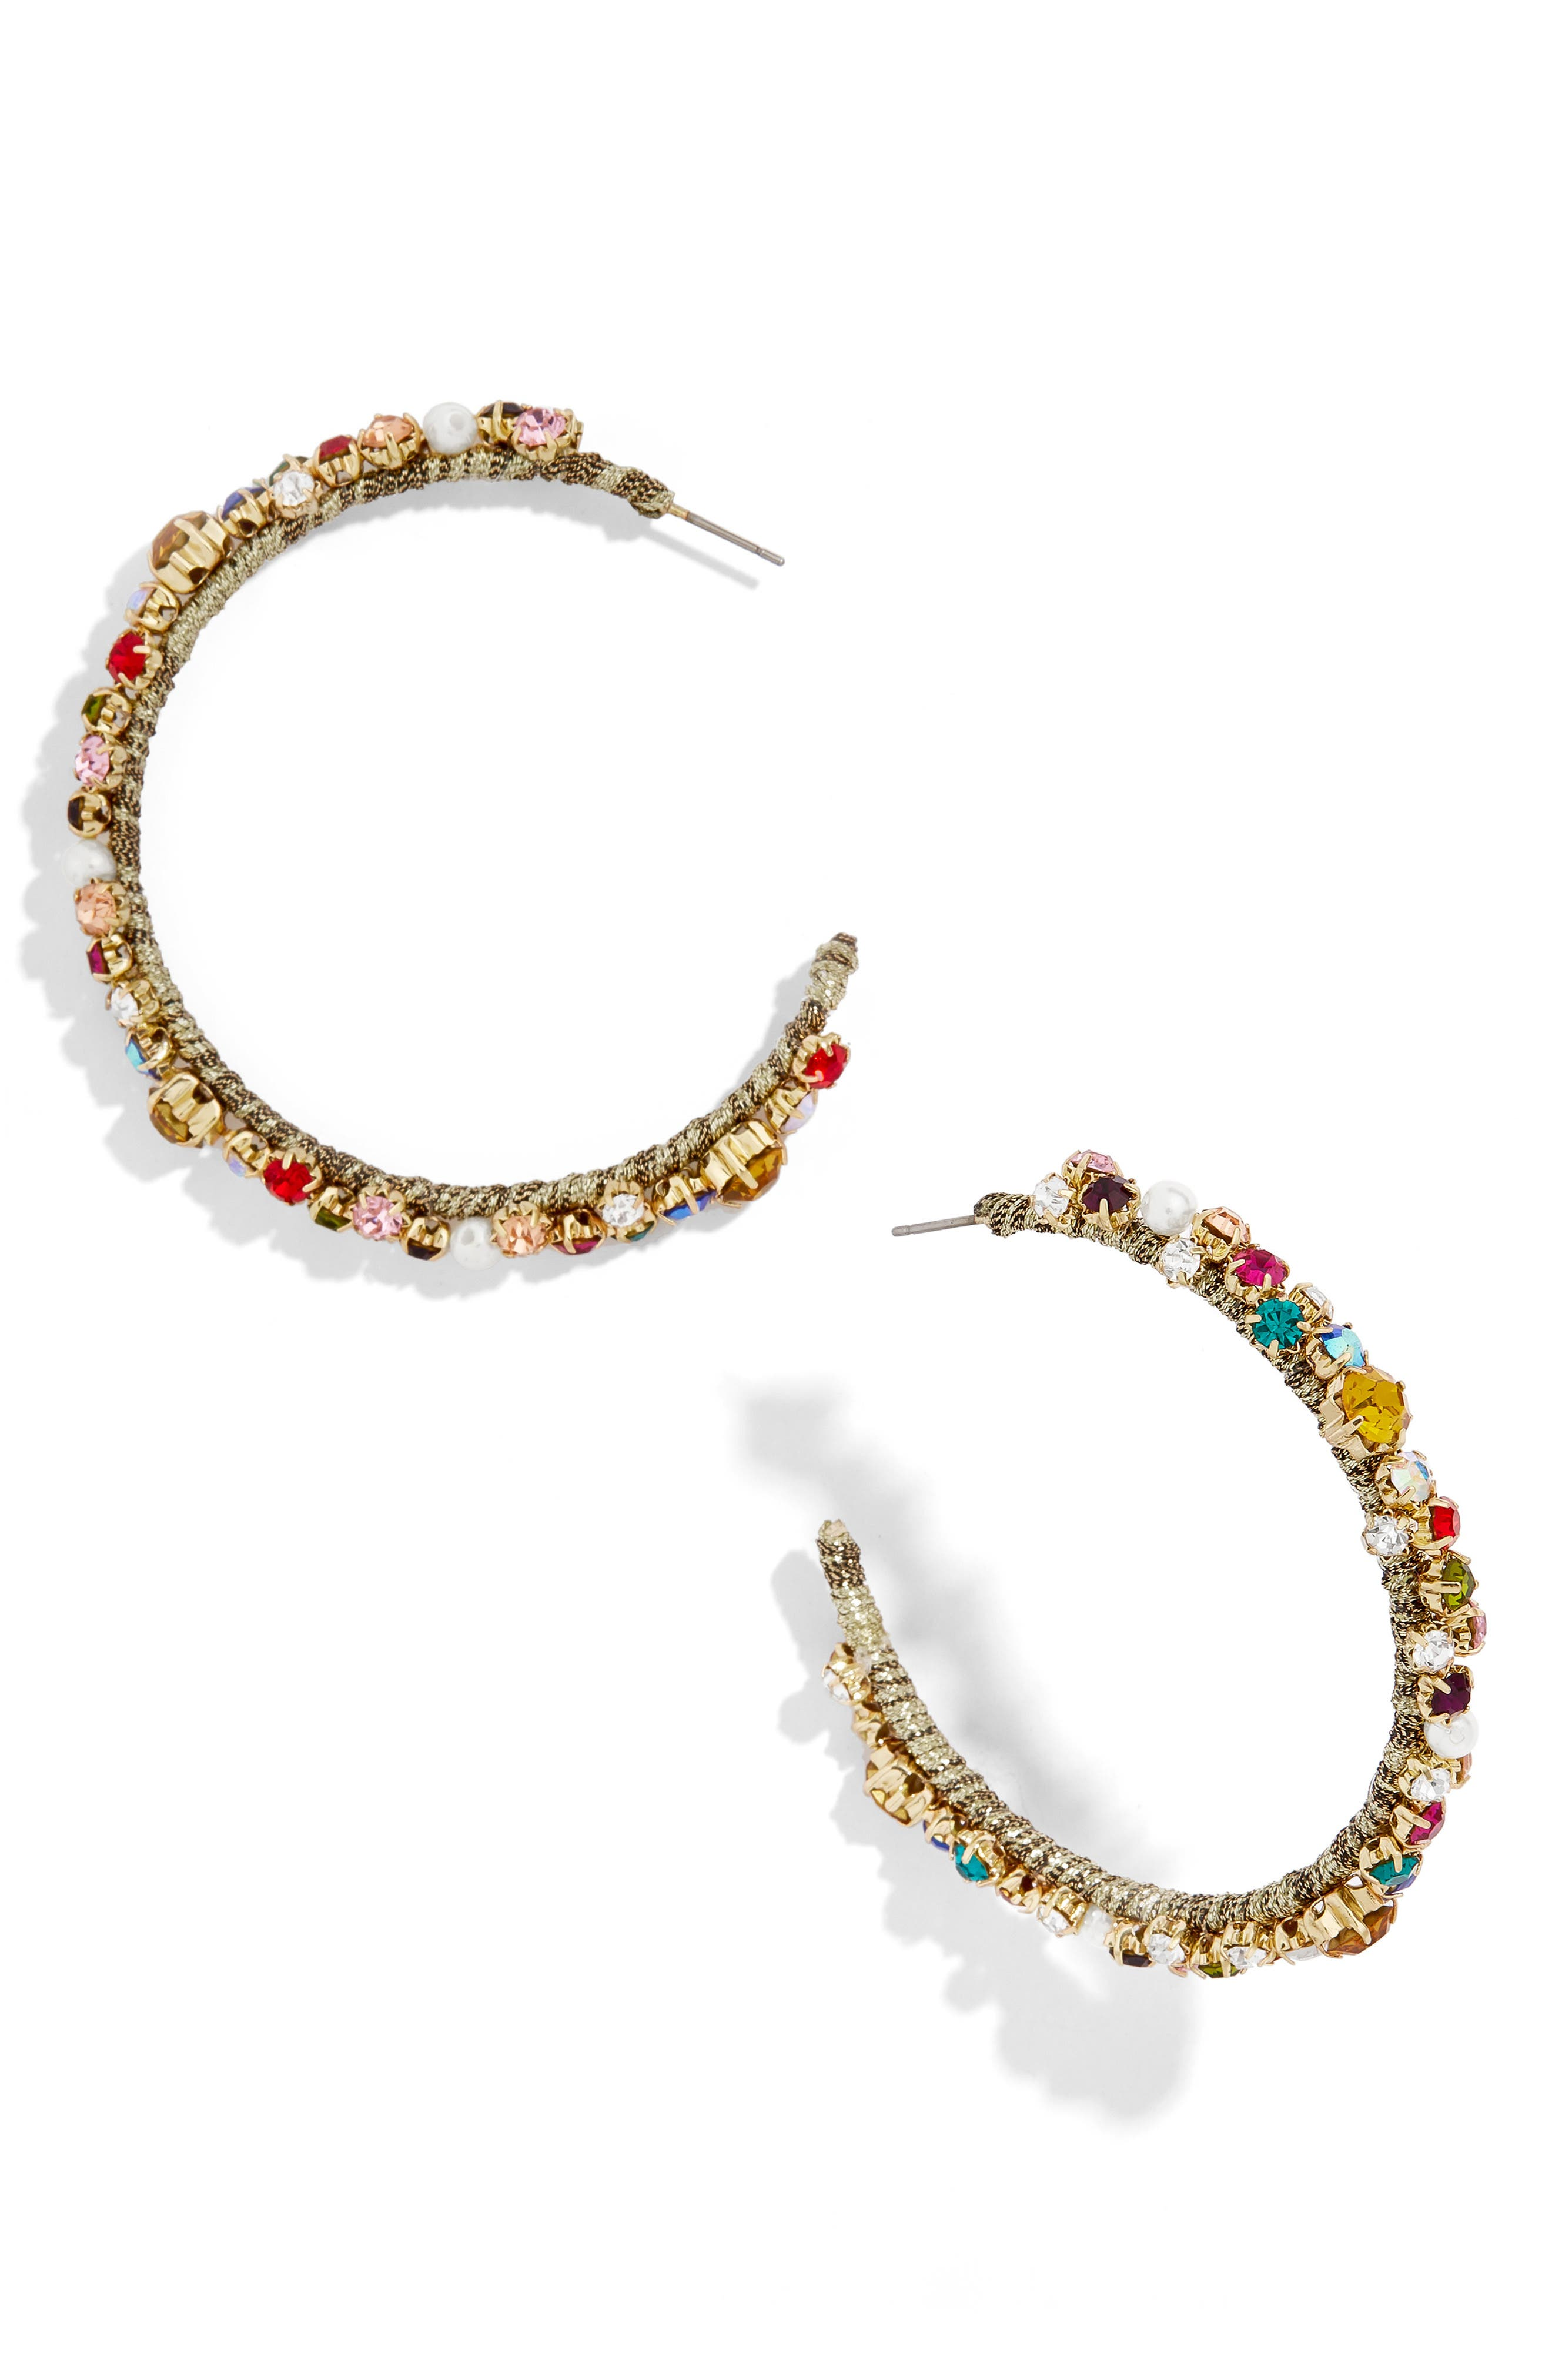 Avie Hoop Earrings,                             Main thumbnail 1, color,                             PINK MULTI